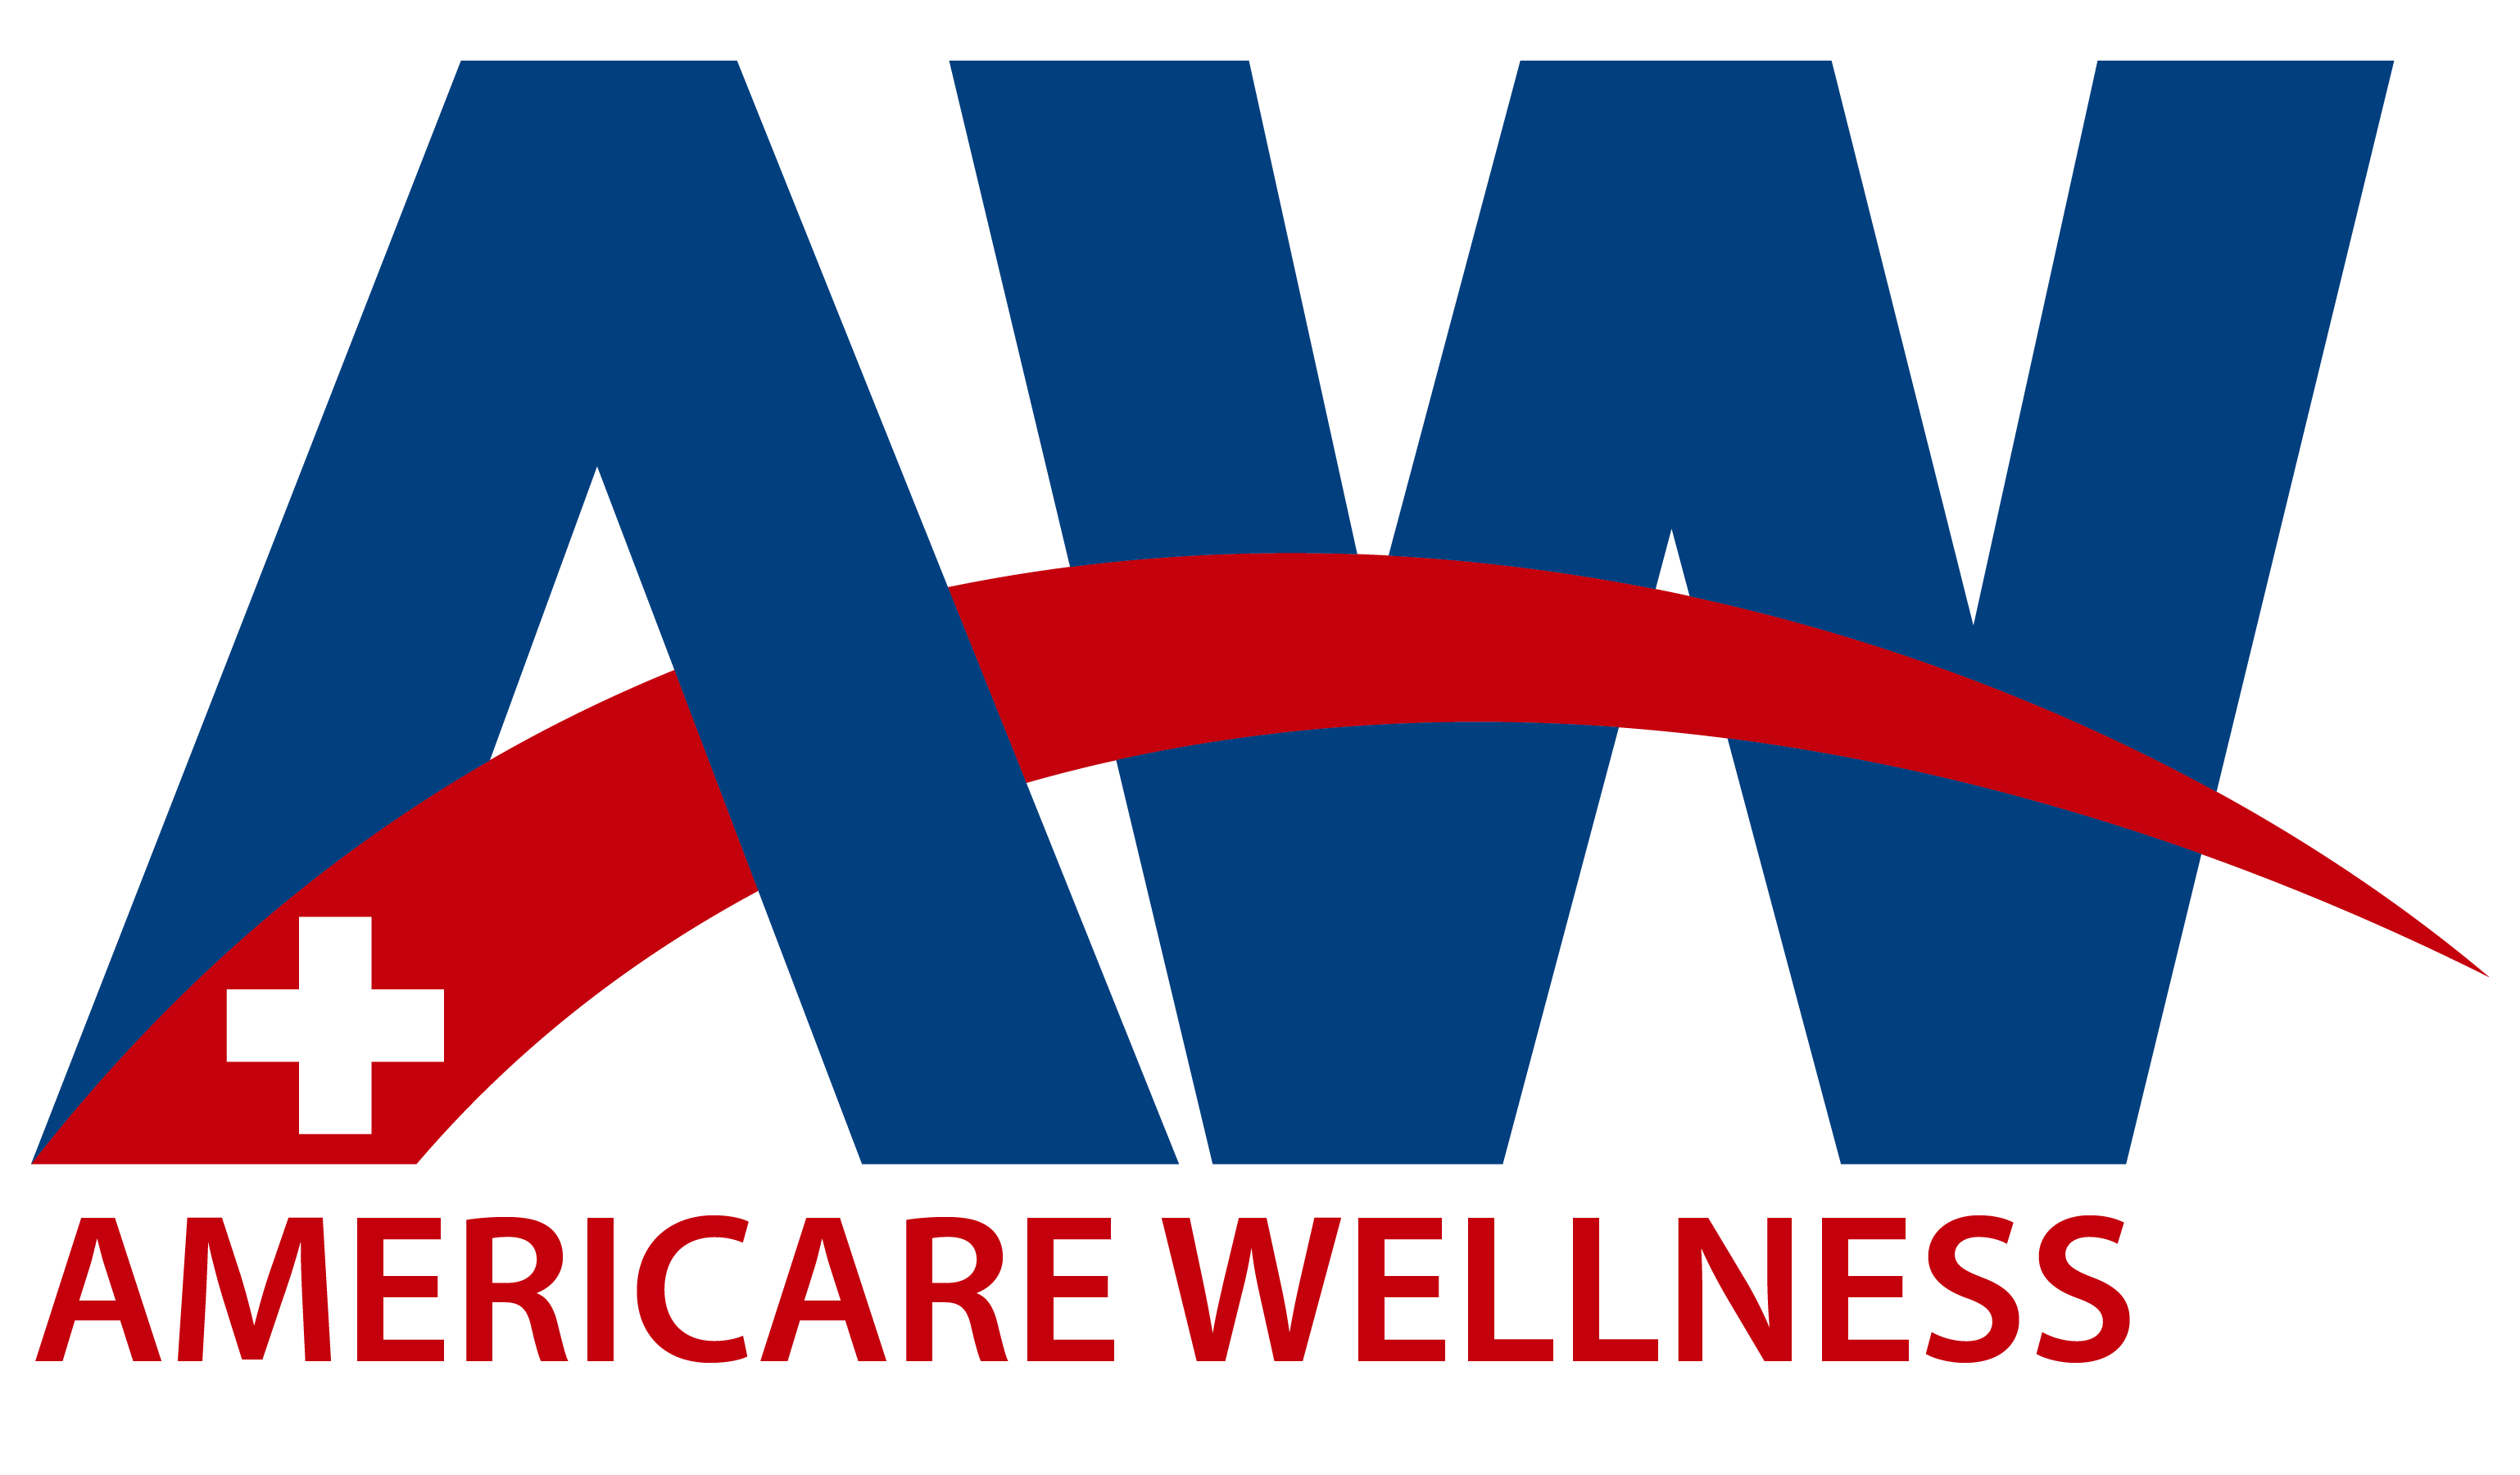 Americare Wellness